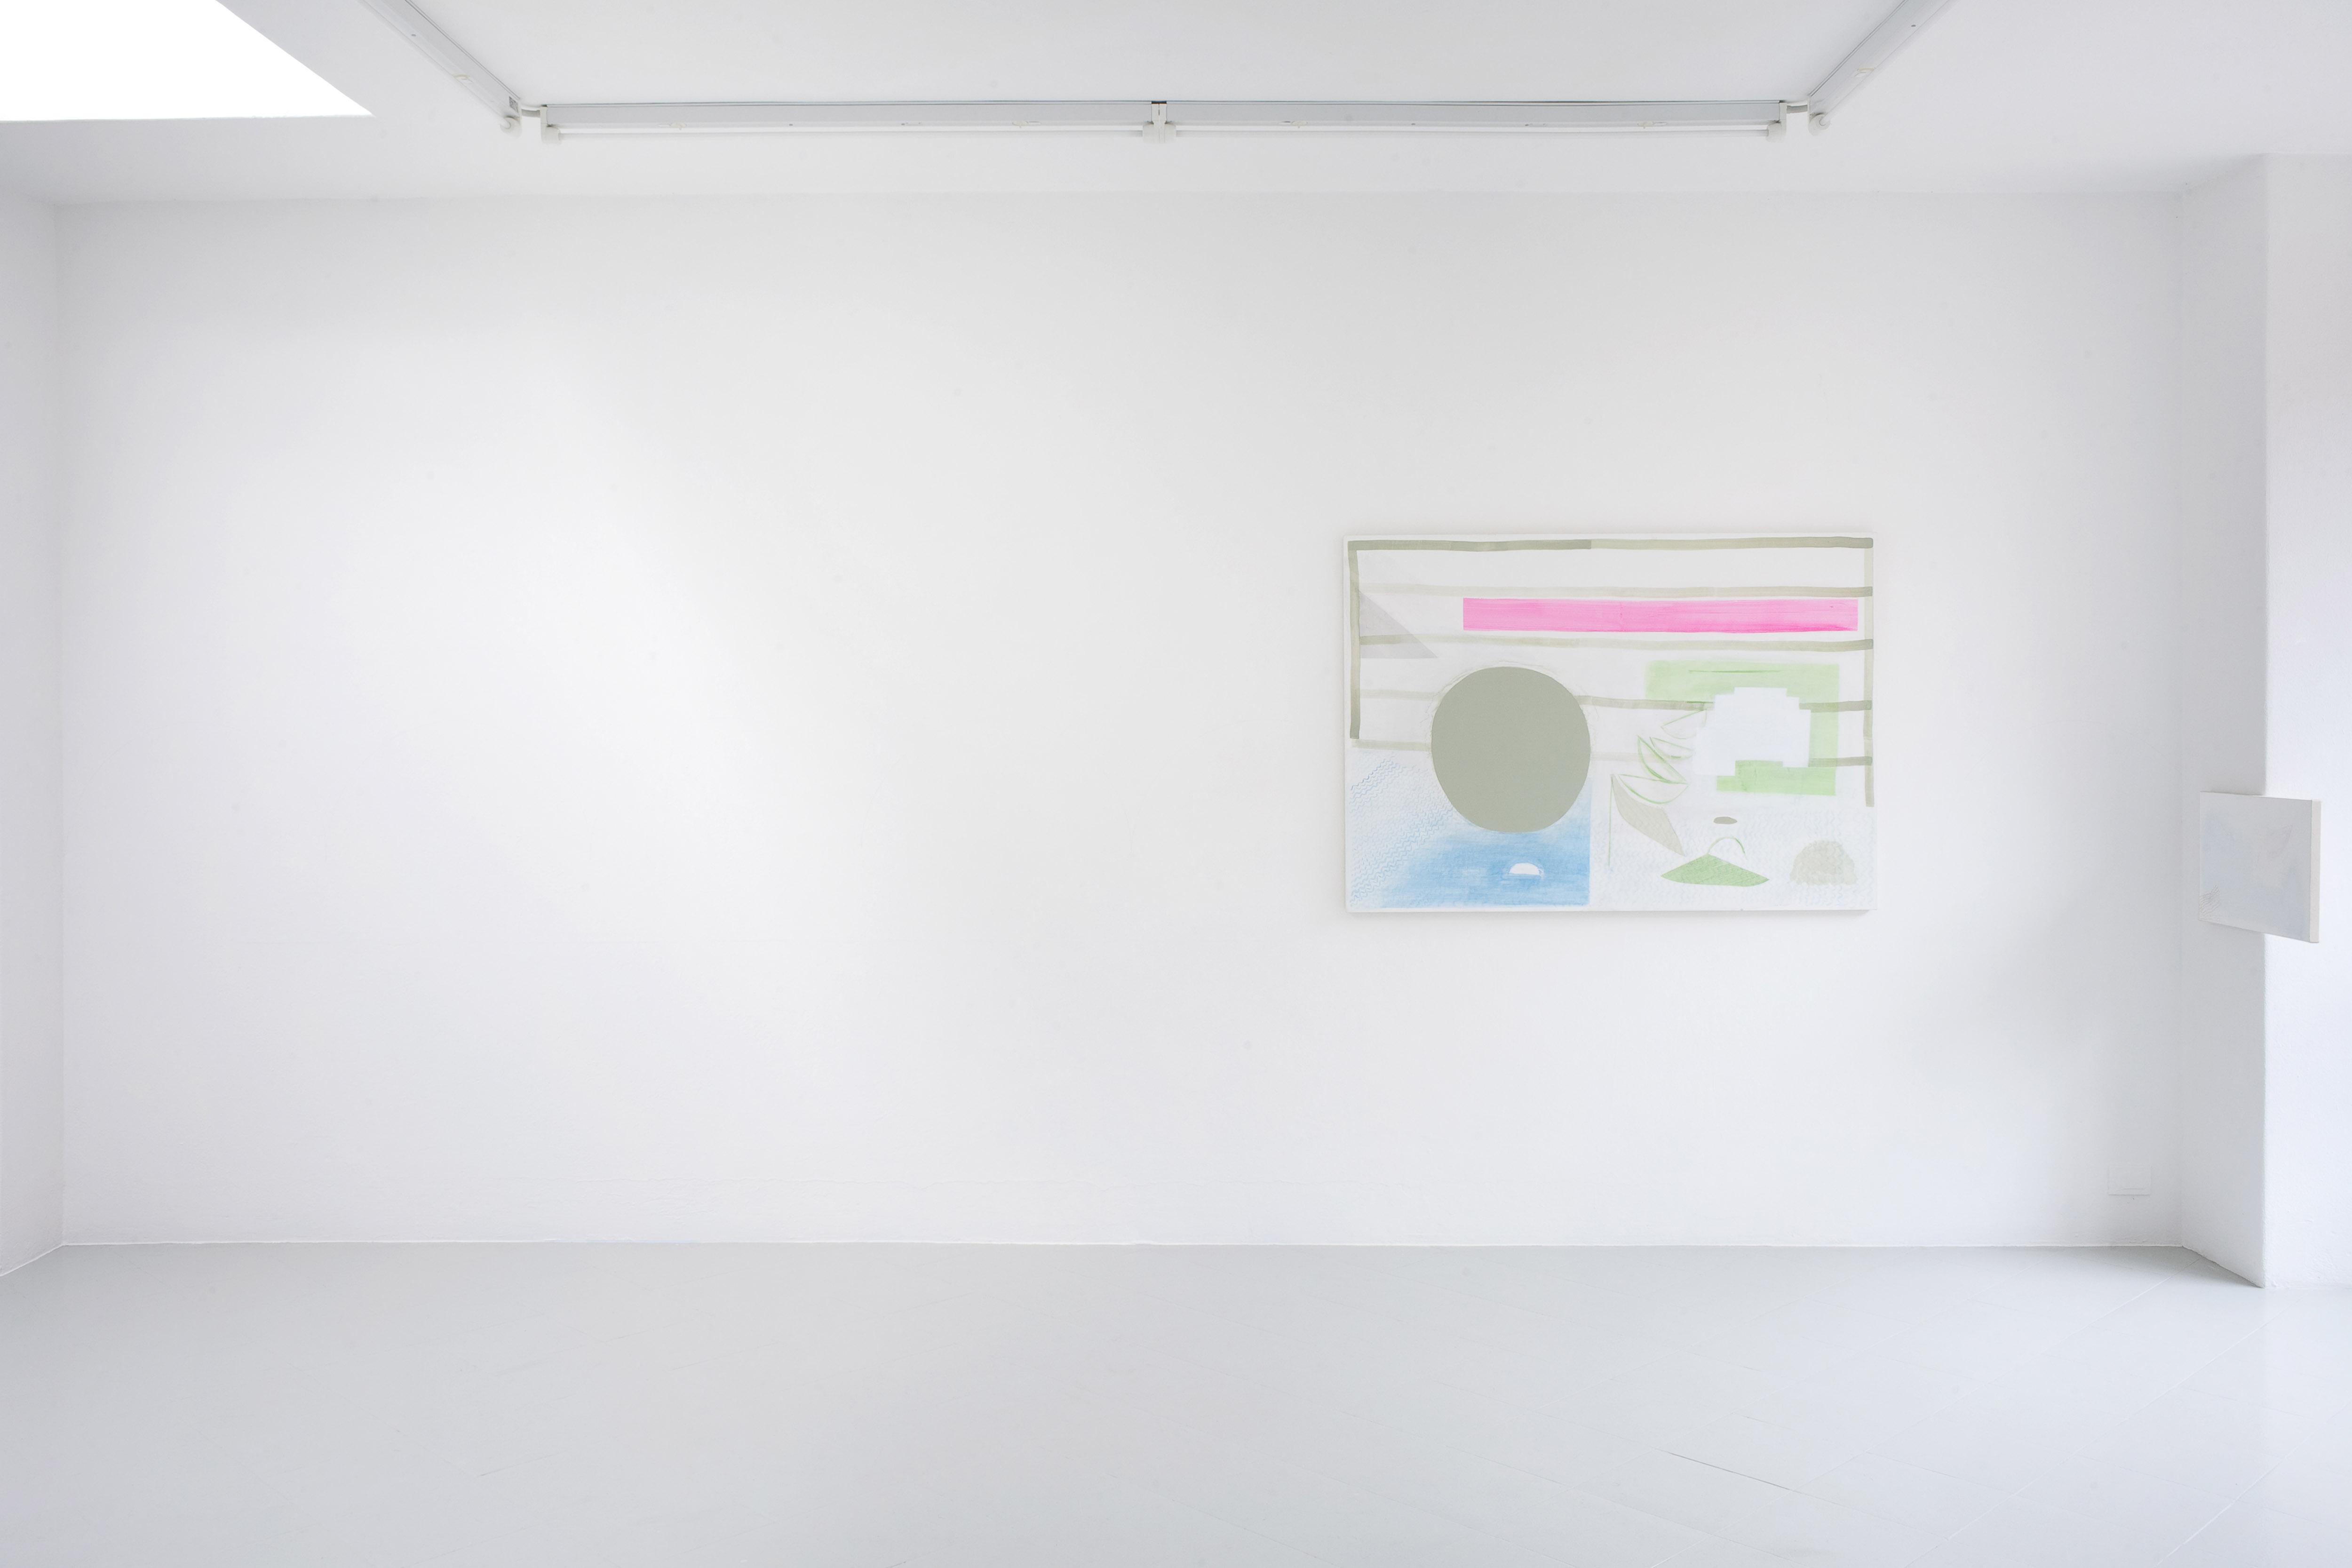 14 - Charlotte Herzig Stanchezza Passeggera Installation View 2016 Courtesy Studiolo Milan - photo Filippo Armellin copia